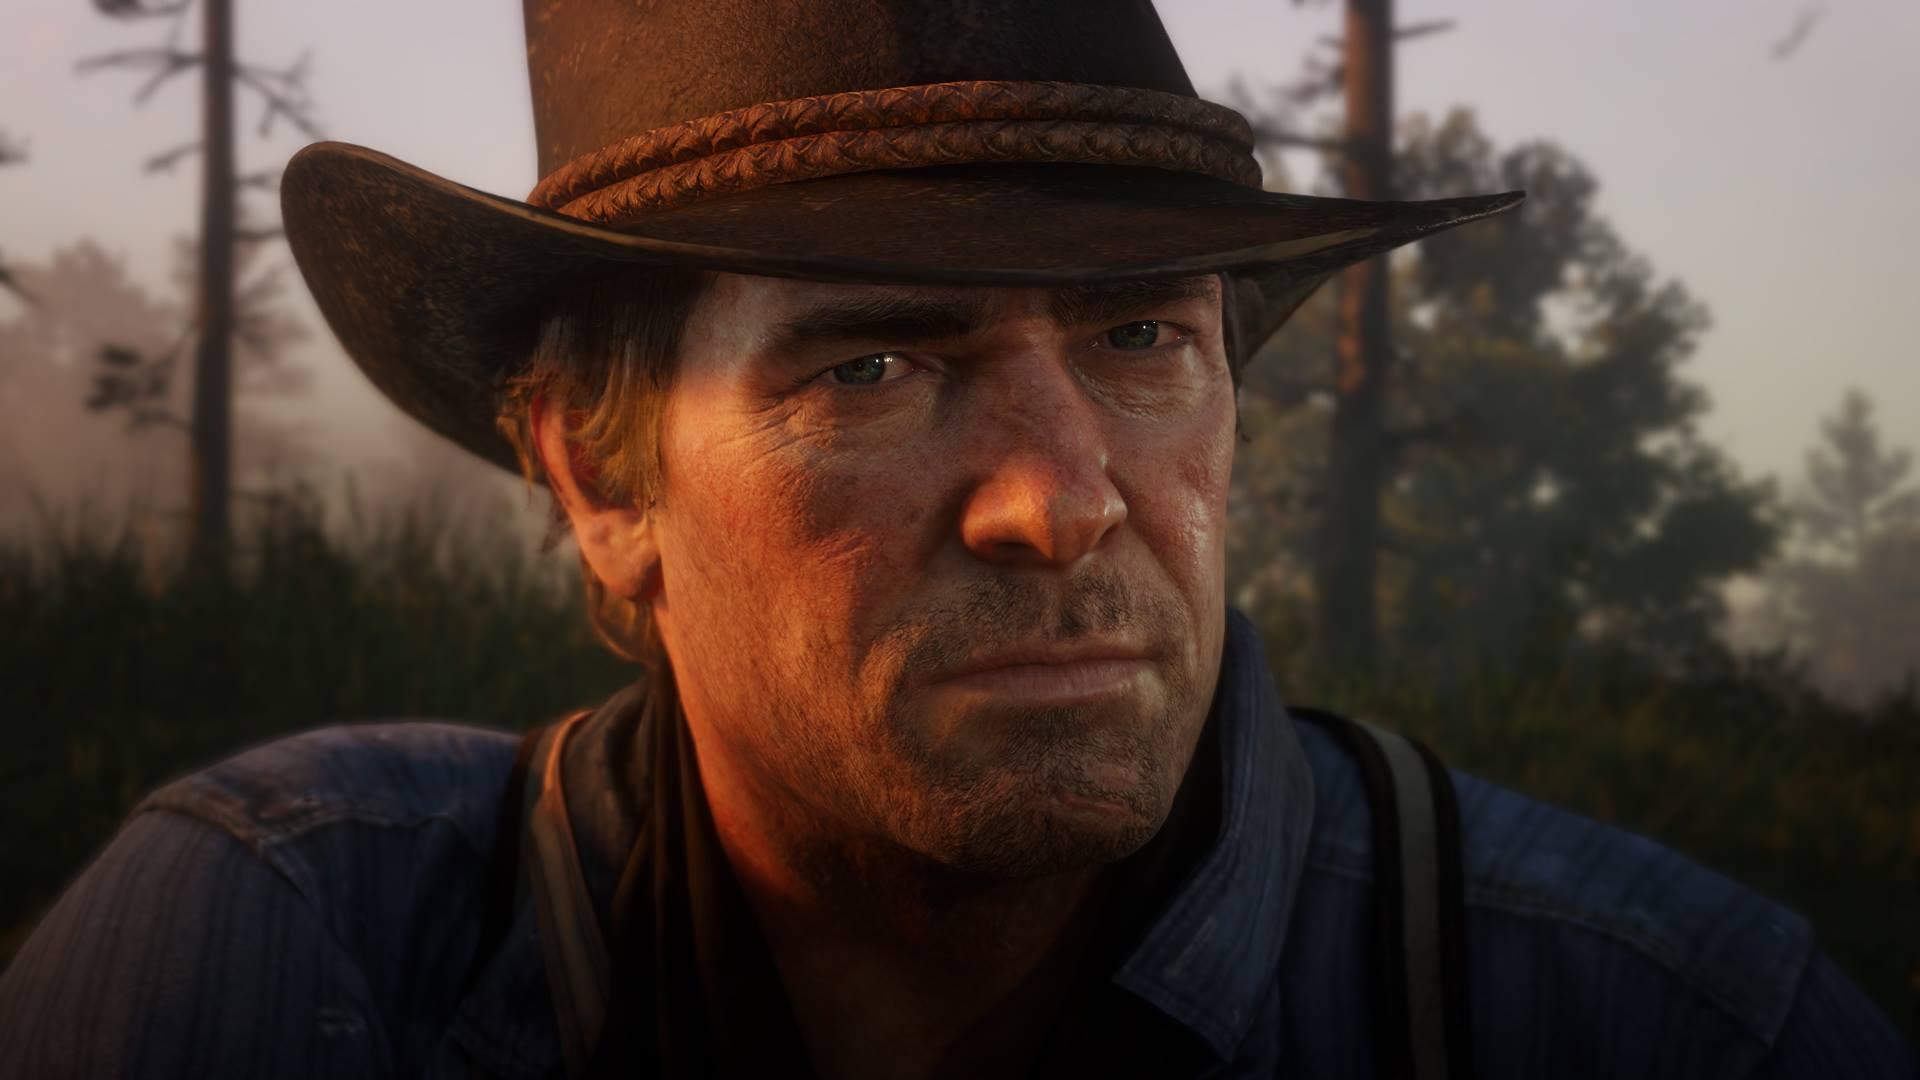 Neue Screenshots zu Red Dead Redemption 2 zeigen Tierwelt, Open World und Charaktere. Bild 12 - Quelle: Rockstar Games